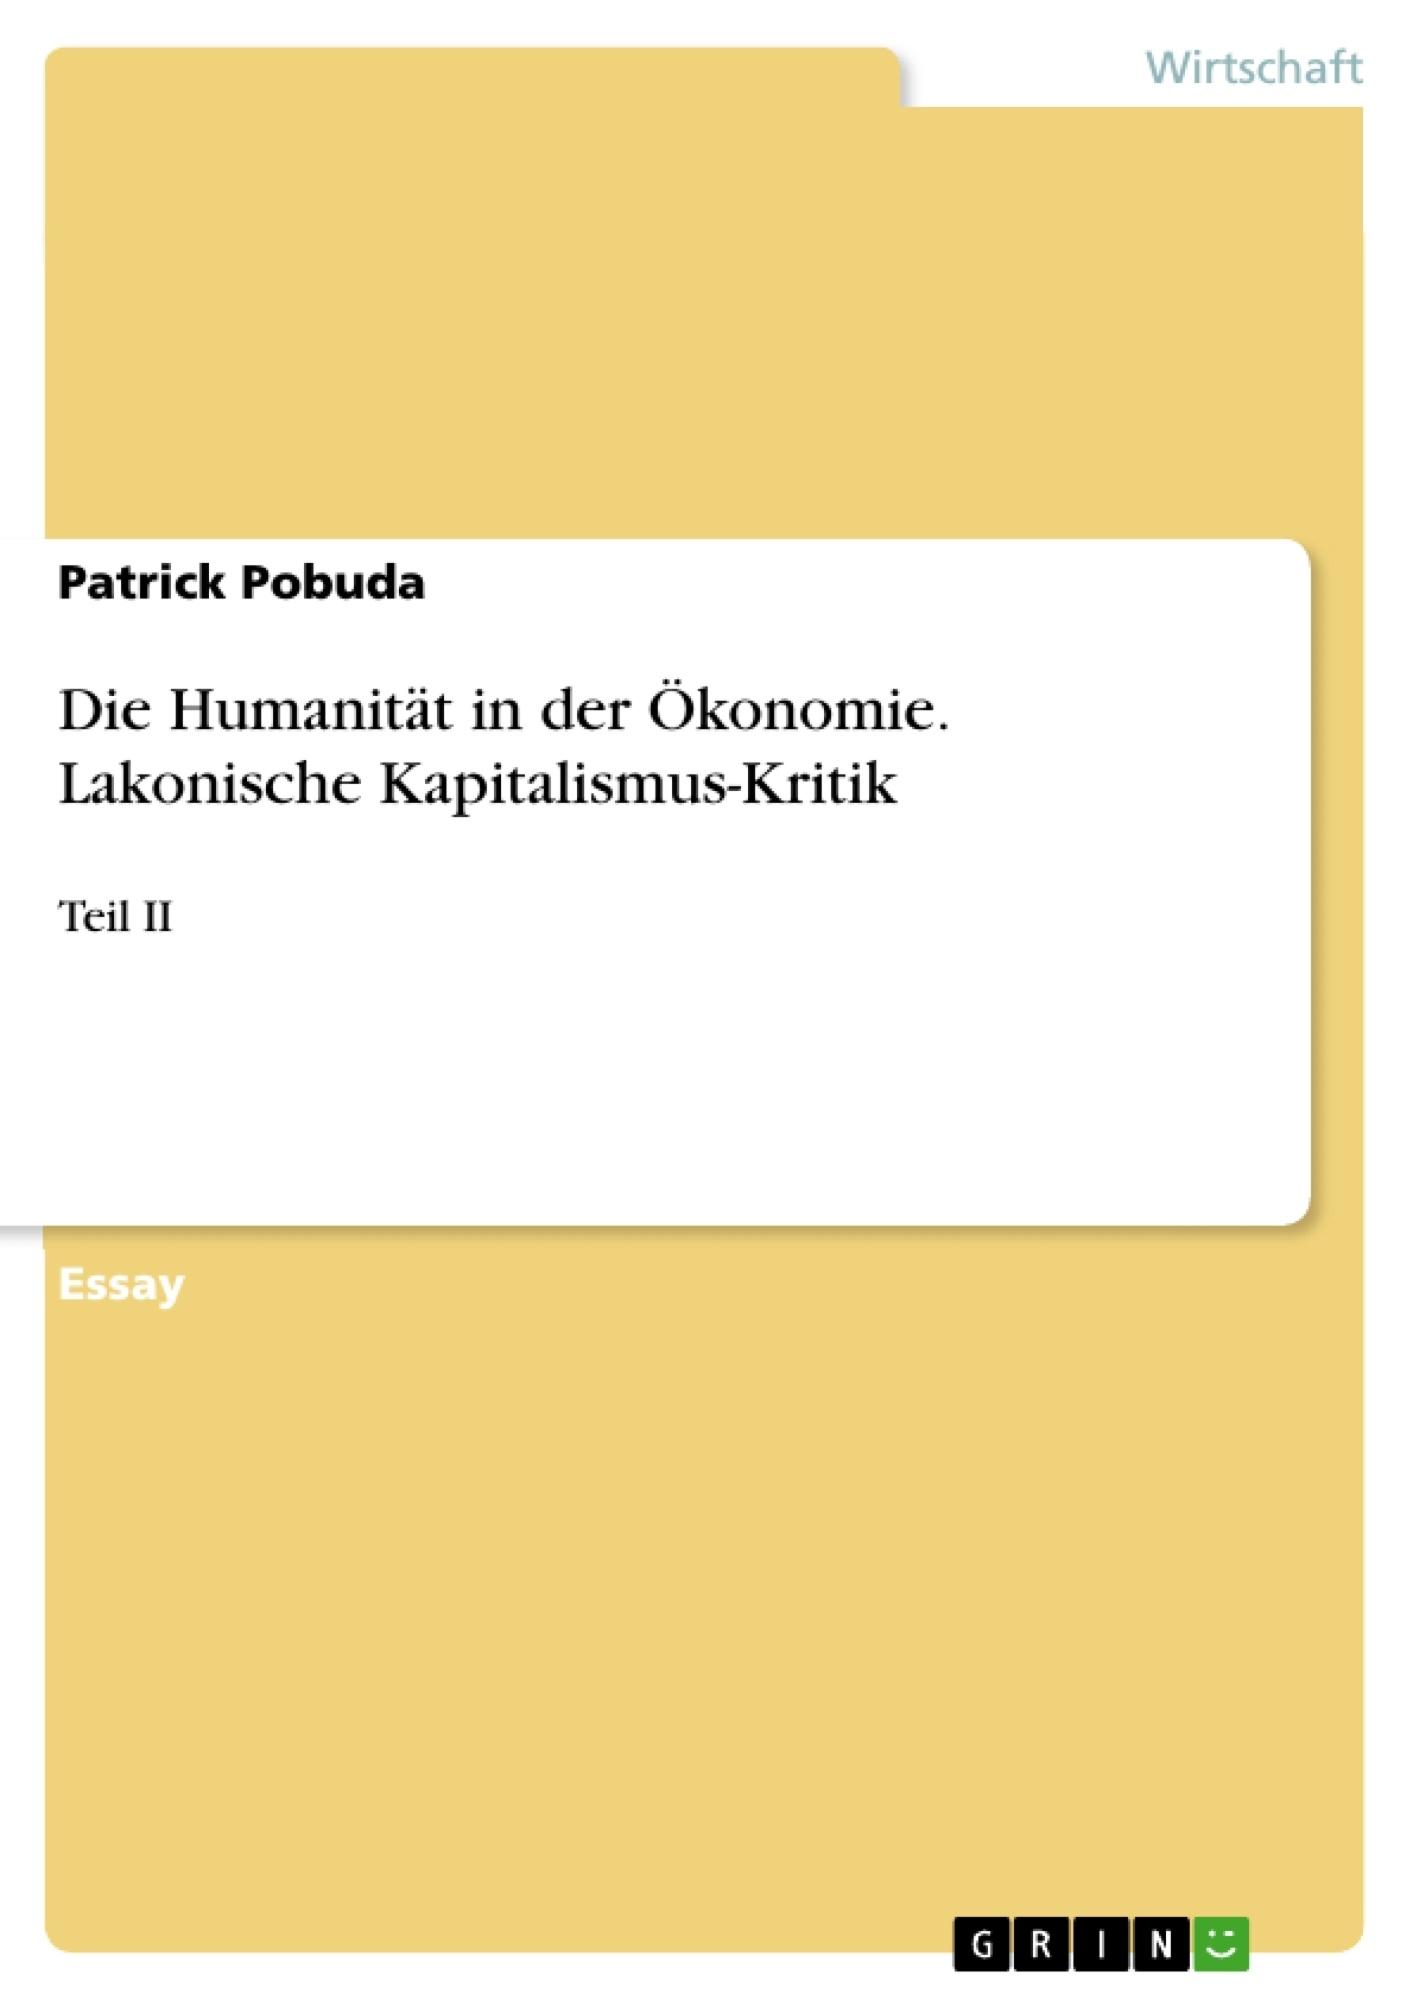 Titel: Die Humanität in der Ökonomie. Lakonische Kapitalismus-Kritik